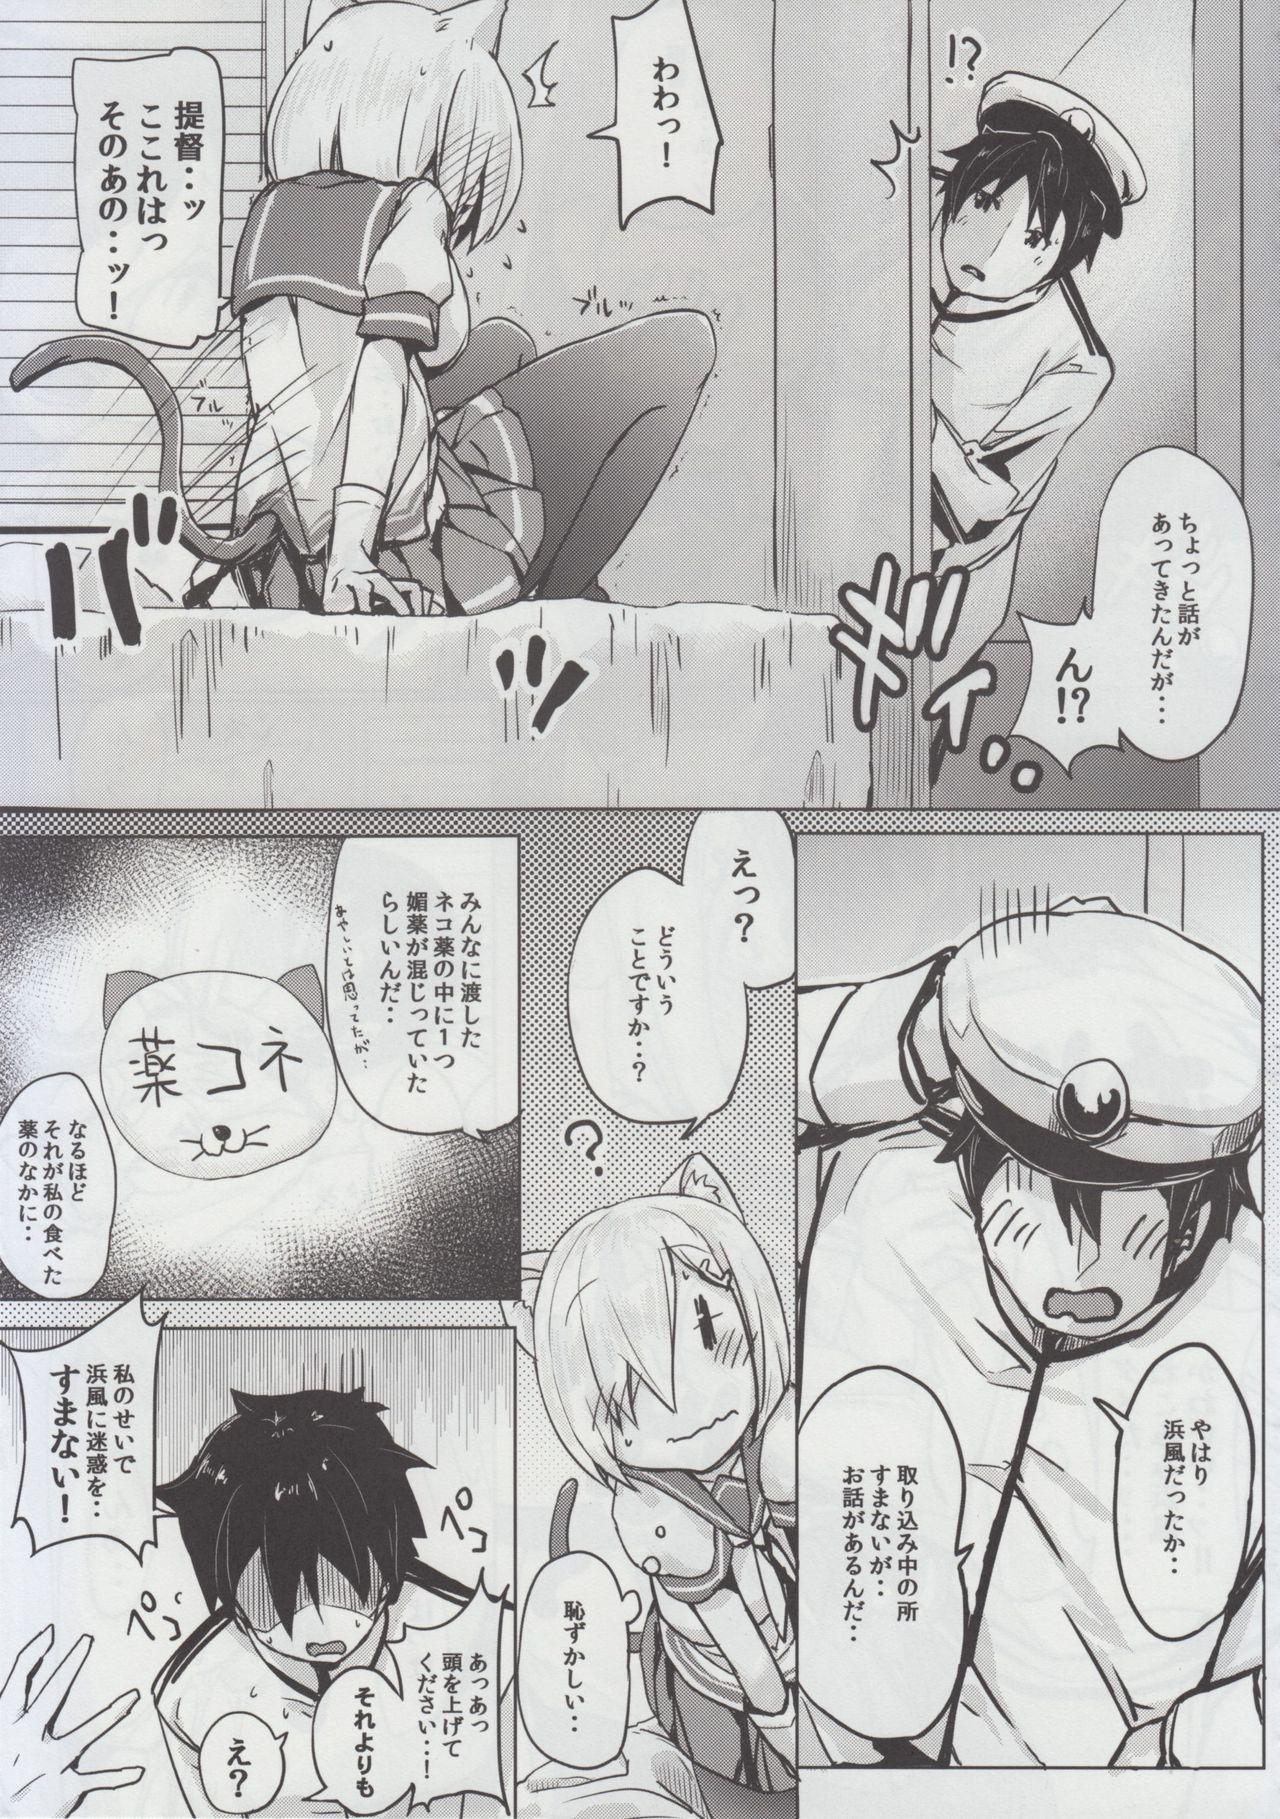 Hatsukoi Hamakaze 13